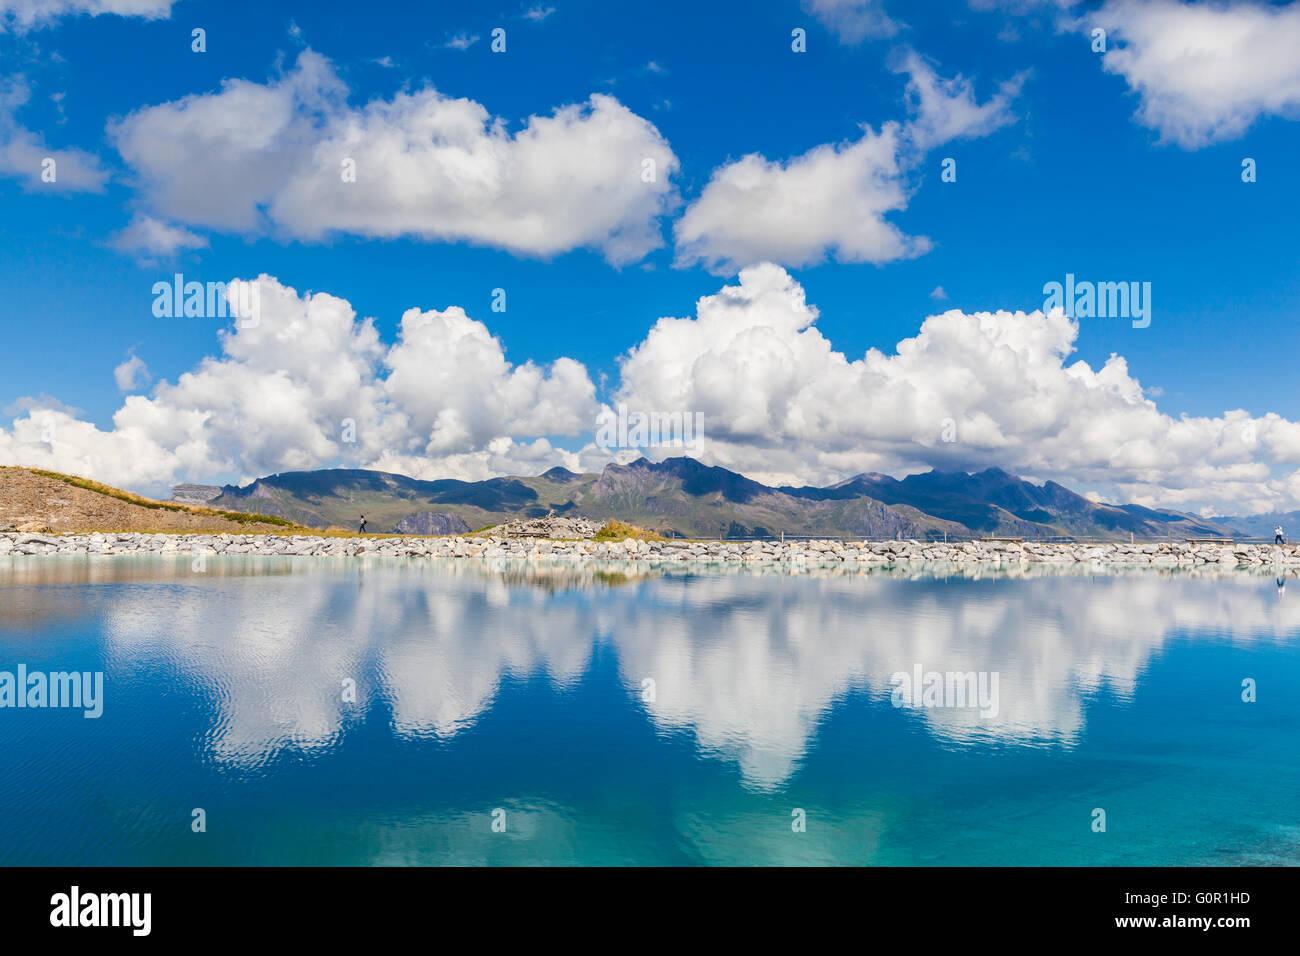 Atemberaubende Aussicht auf die Fallbodensee (See) im Berner Oberland mit Reflexion der Wolken und Bergketten, Schweiz. Stockbild